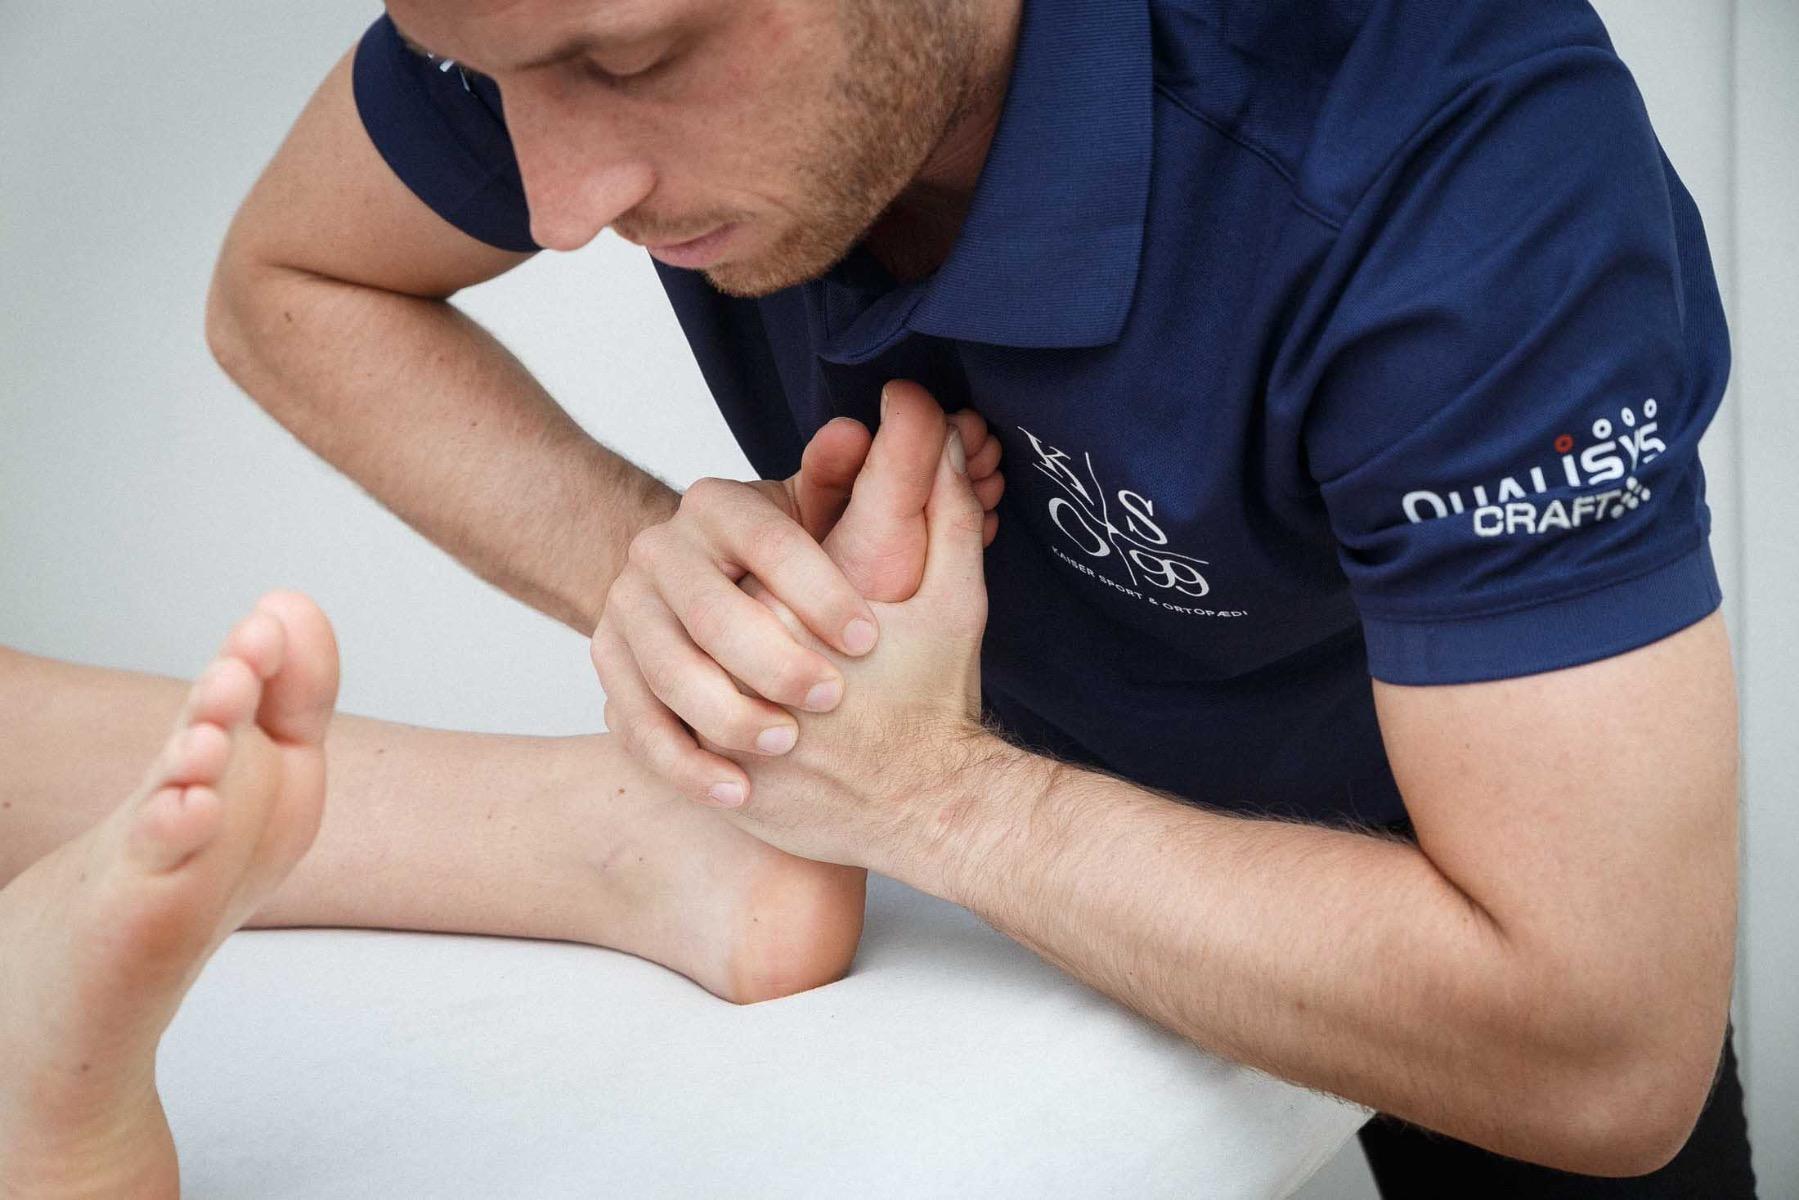 Træningsøvelser der styrker din forfod, hælspore, svangsenebetændelse, kaiser sport